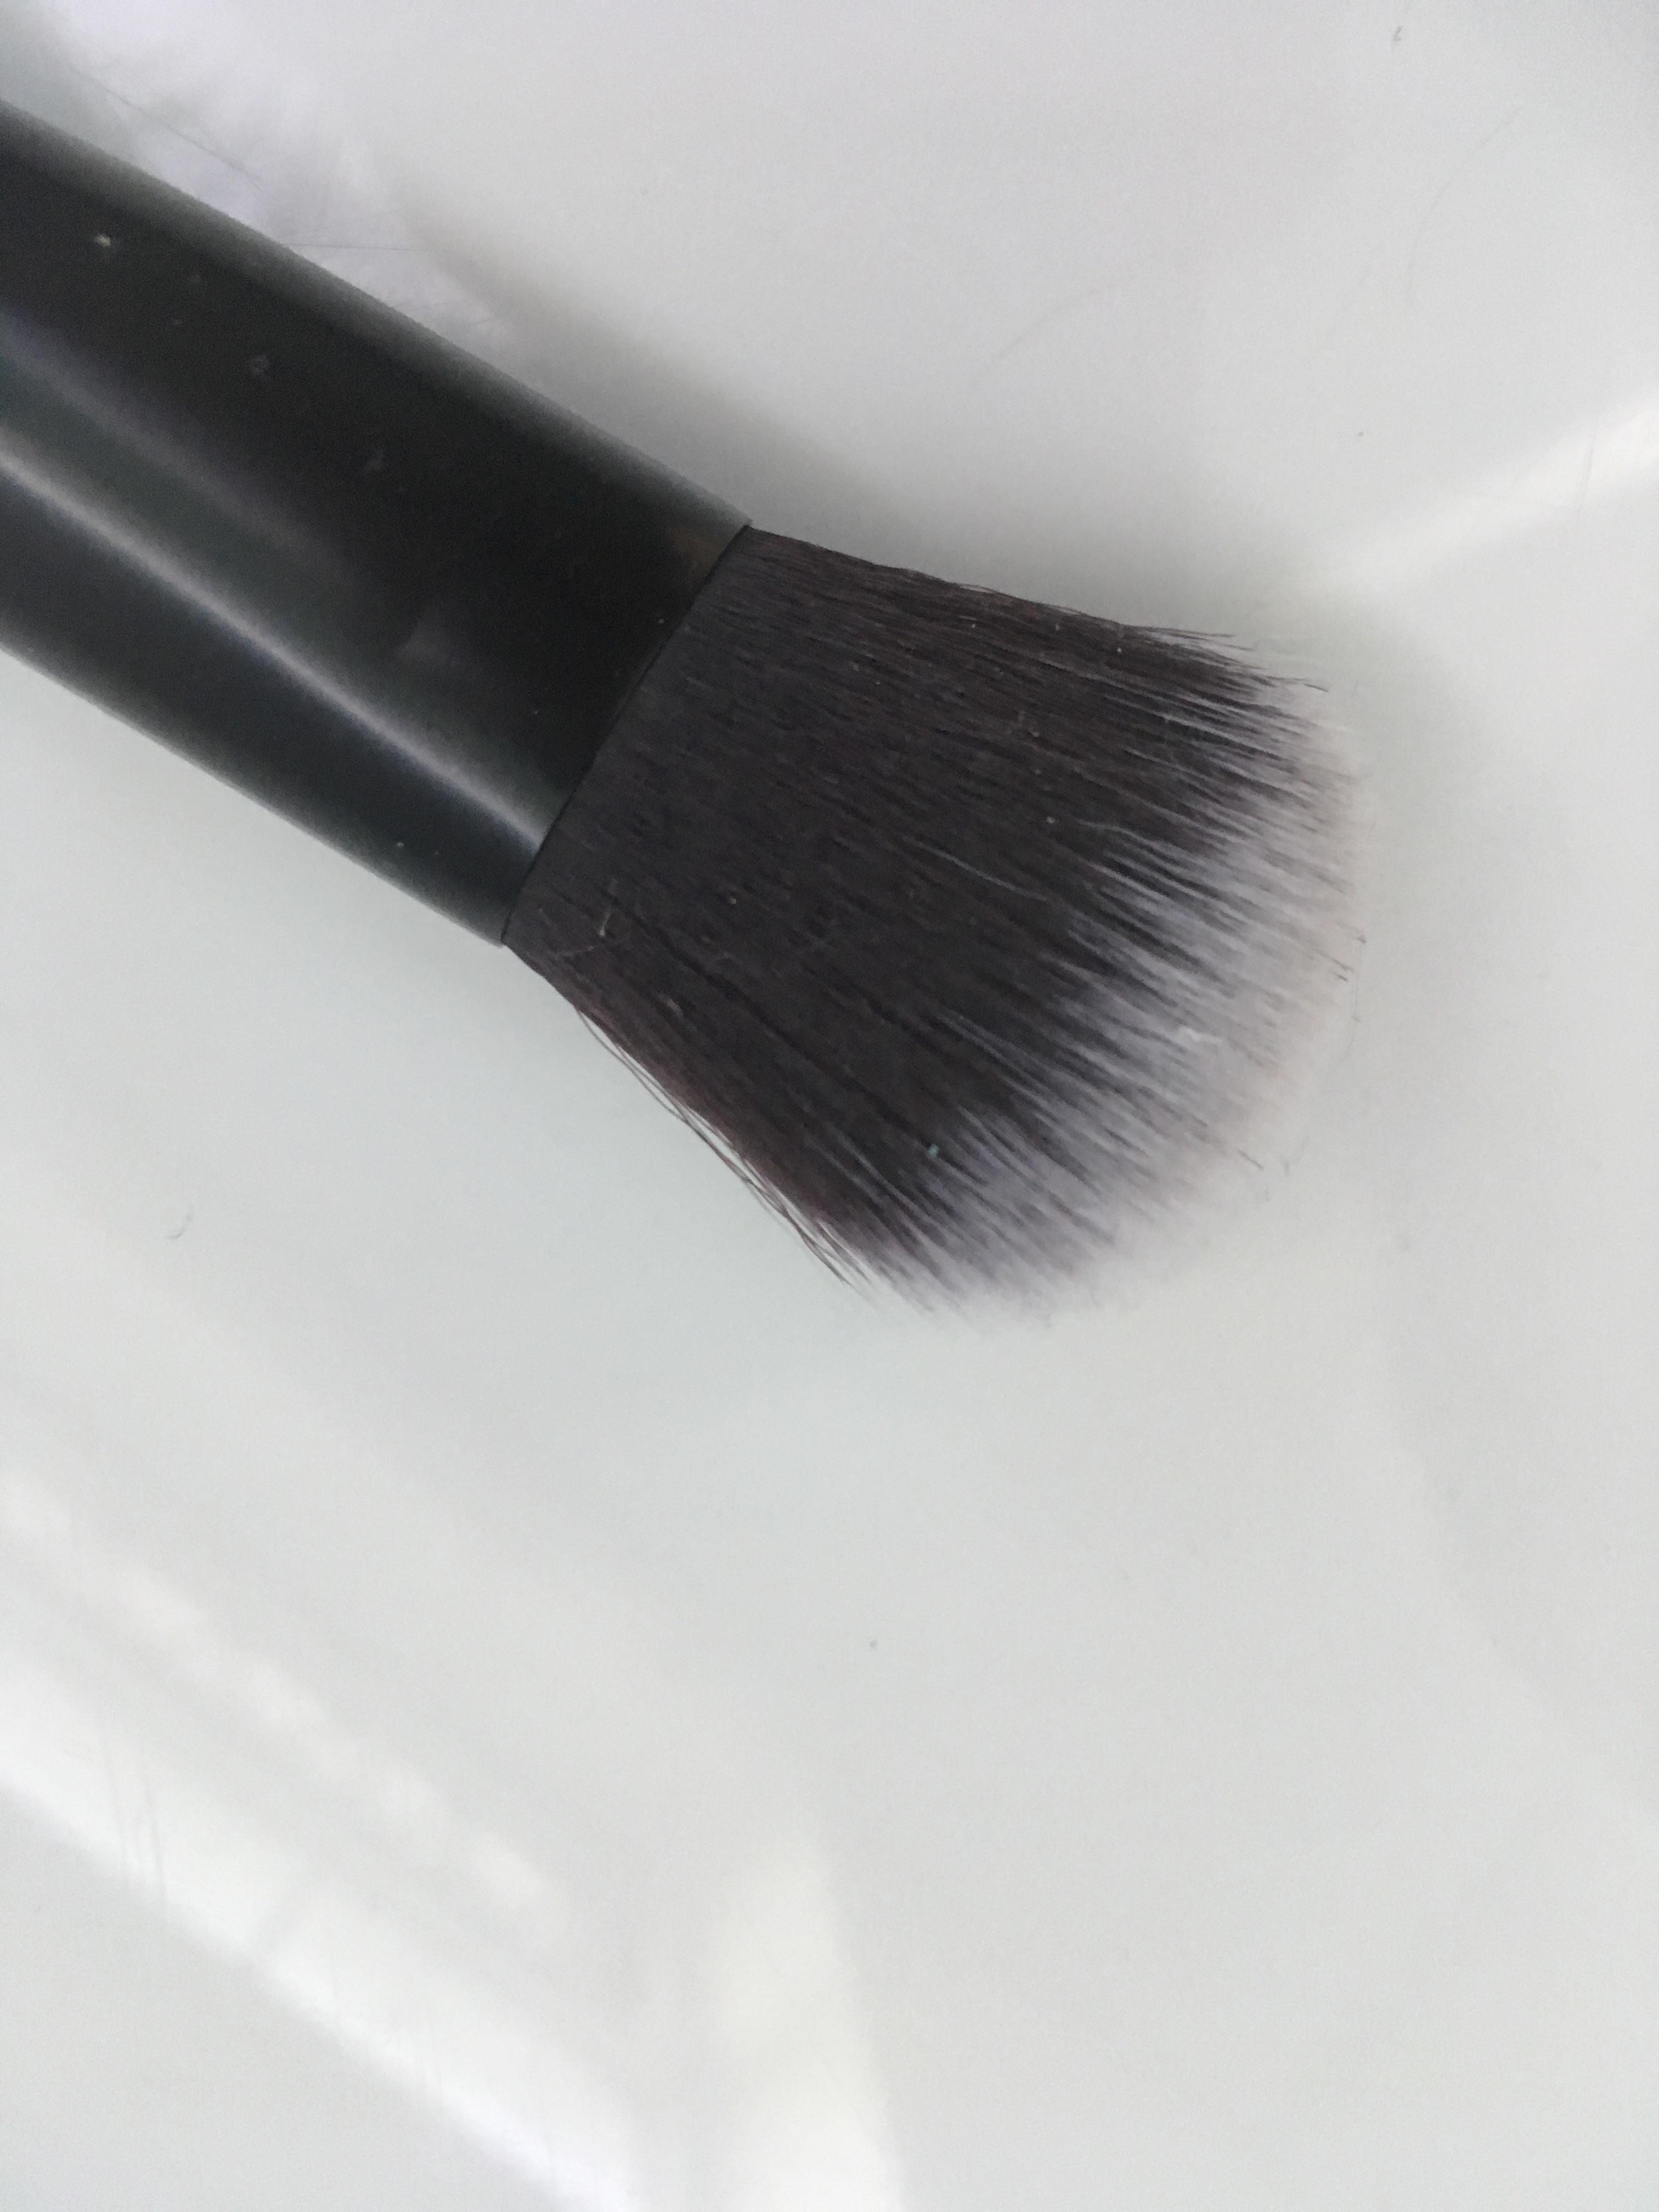 flawless makeup brush vegan friendly review